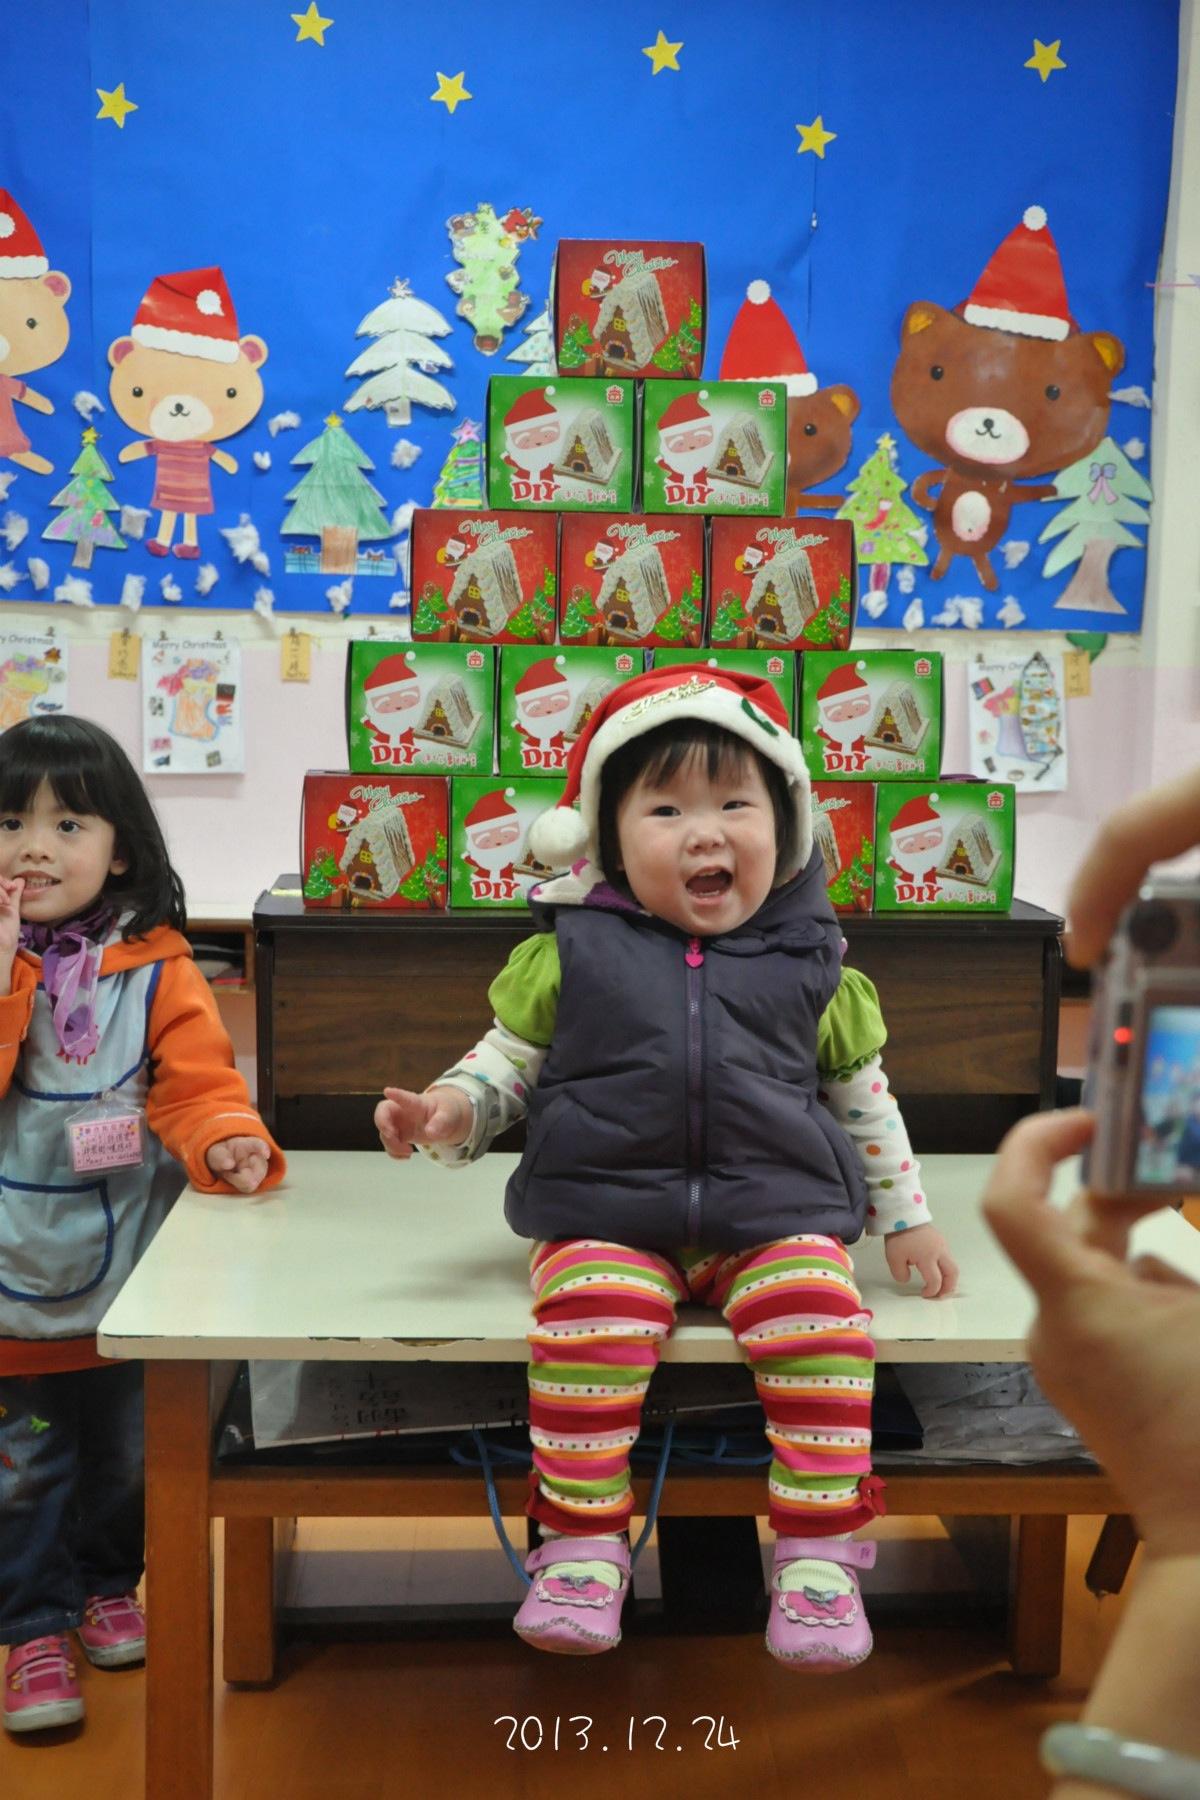 小柚子在幼儿园v2.图片